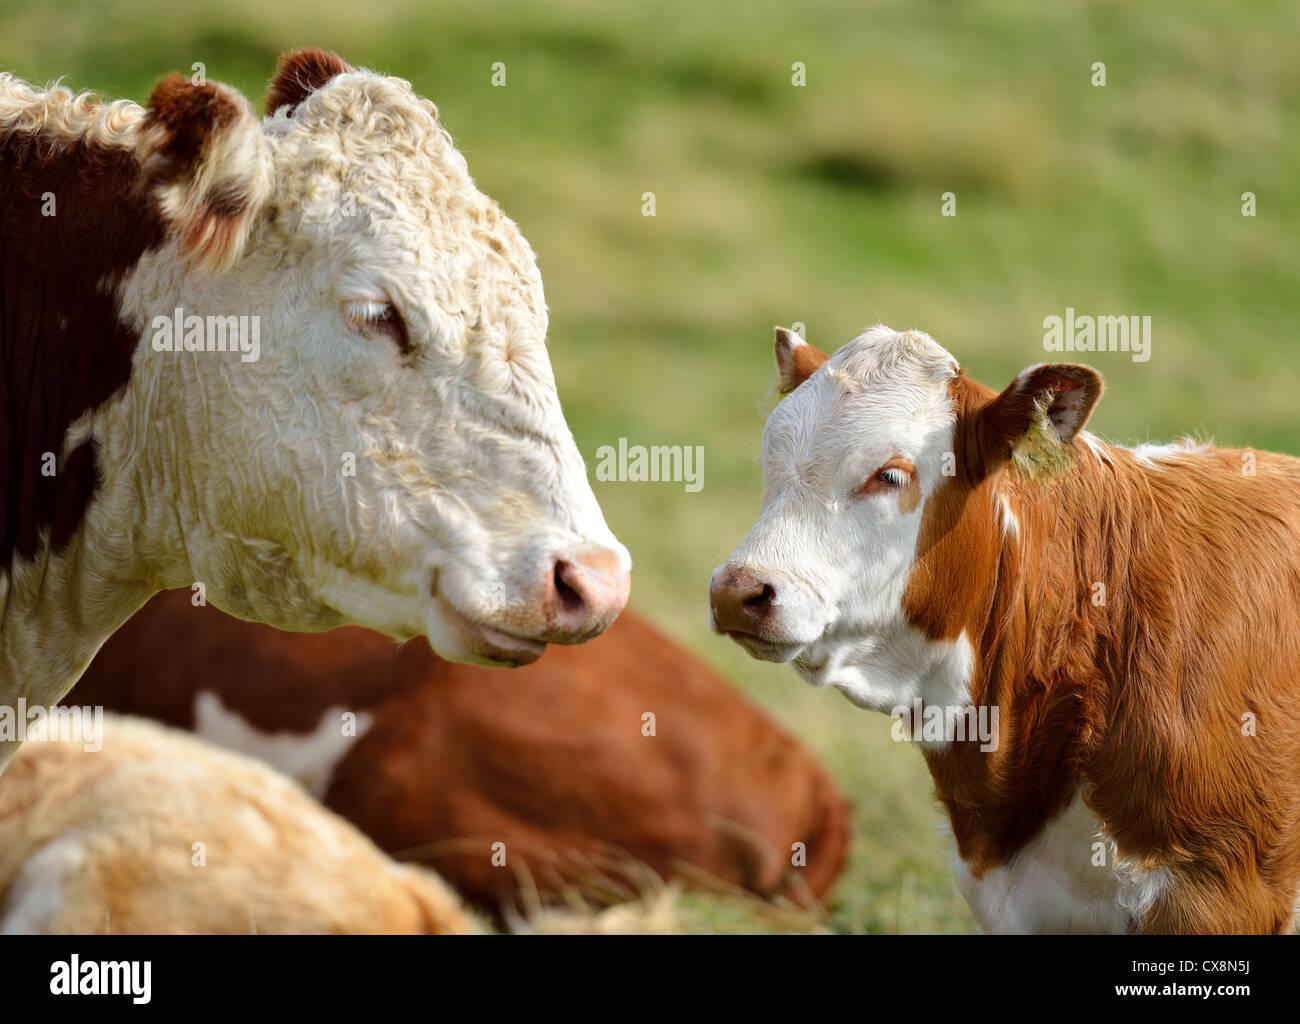 Kuh und Kalb sehen einander an. Lächeln auf den Lippen... Stockbild